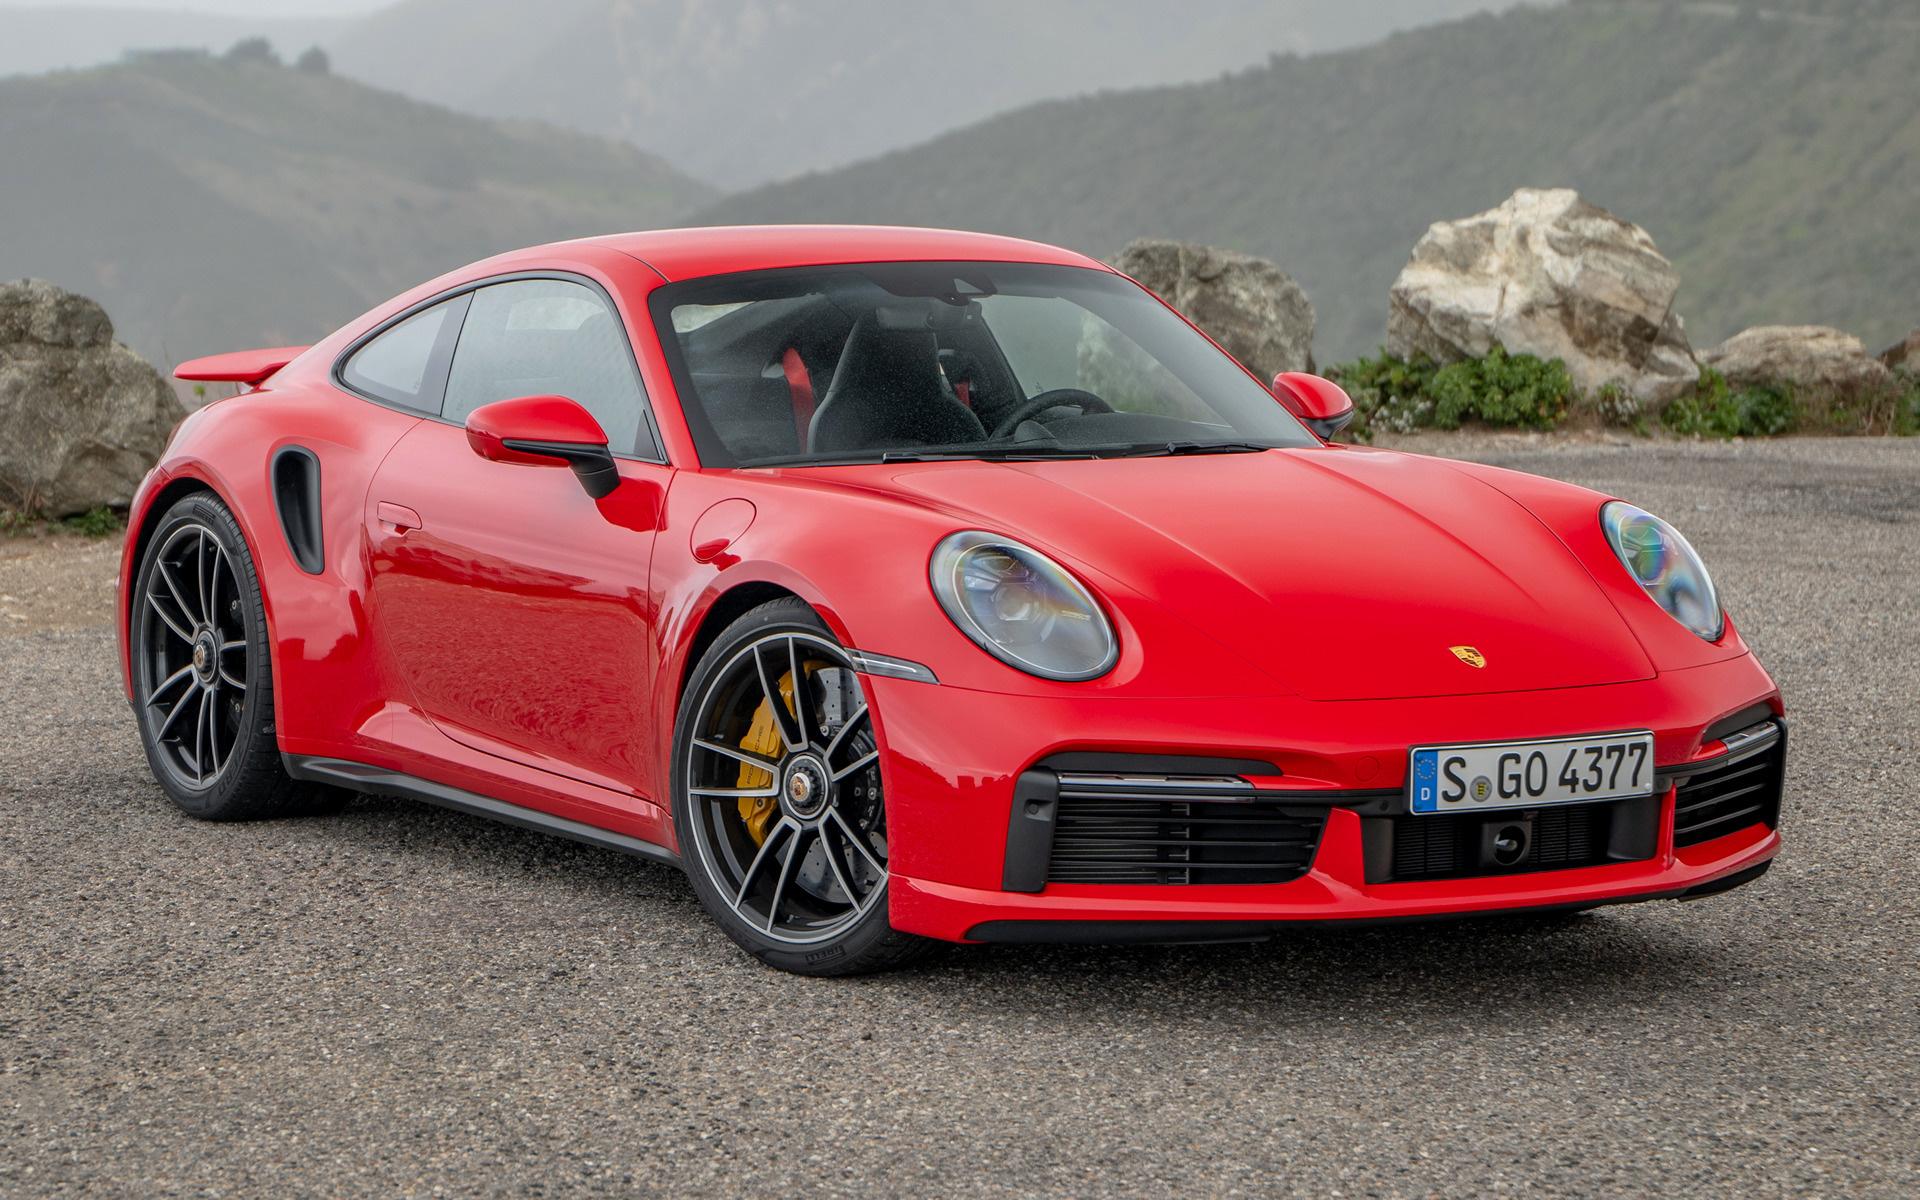 2020 Porsche 911 Turbo S Papeis De Parede E Imagens De Fundo Em Hd Car Pixel